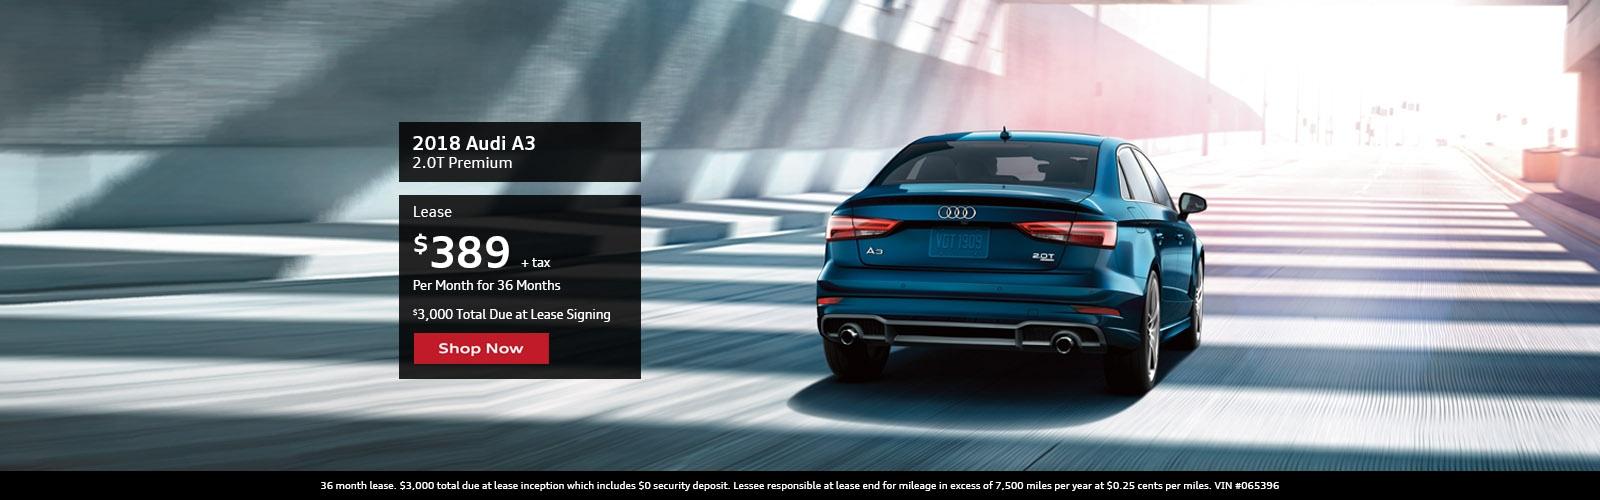 Audi Livermore New Audi Dealership In Livermore CA - Audi livermore